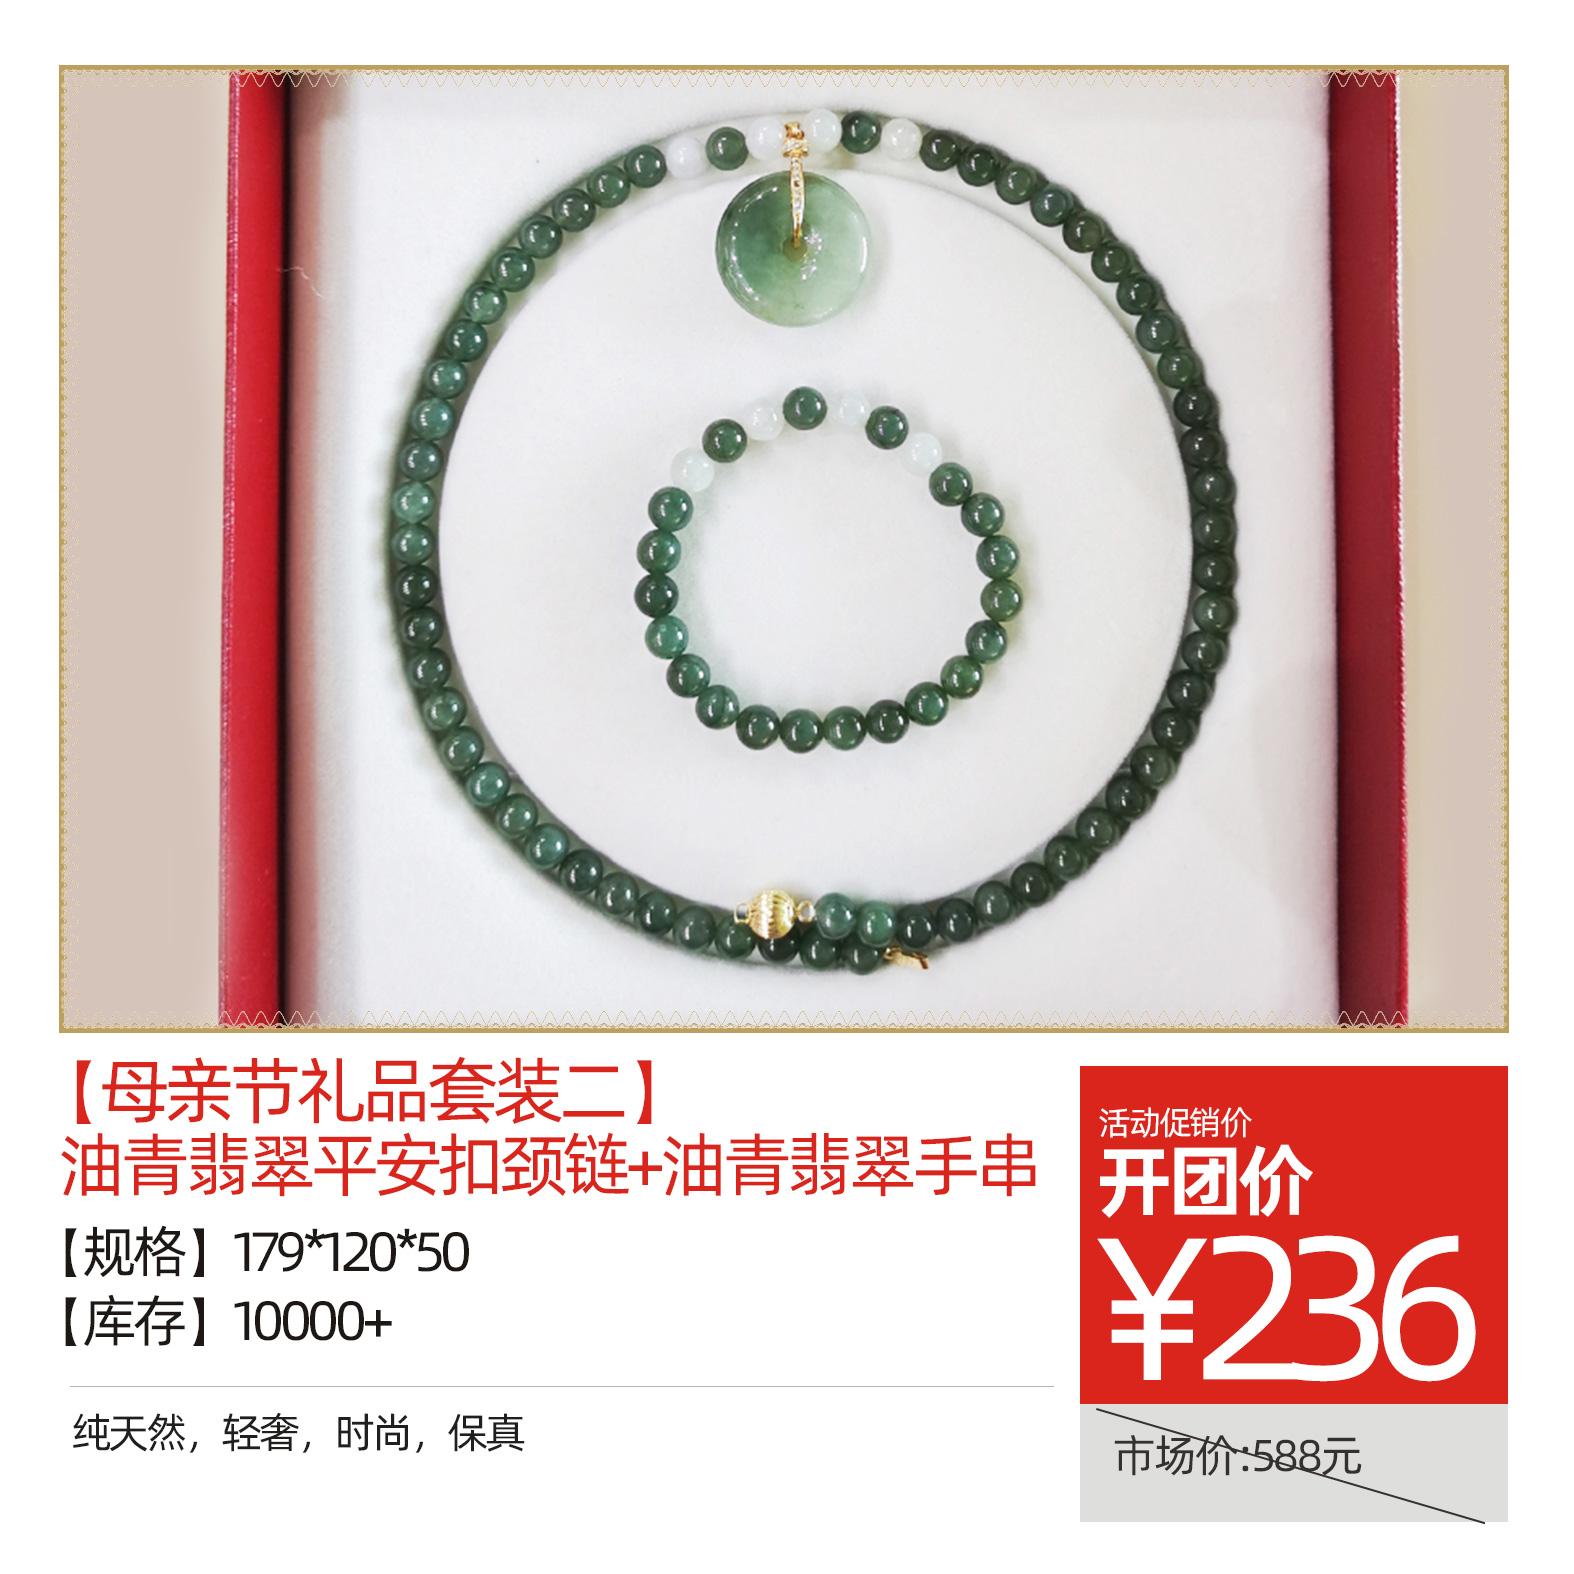 【母亲节礼品套装二】油青翡翠平安扣颈链+油青翡翠手串